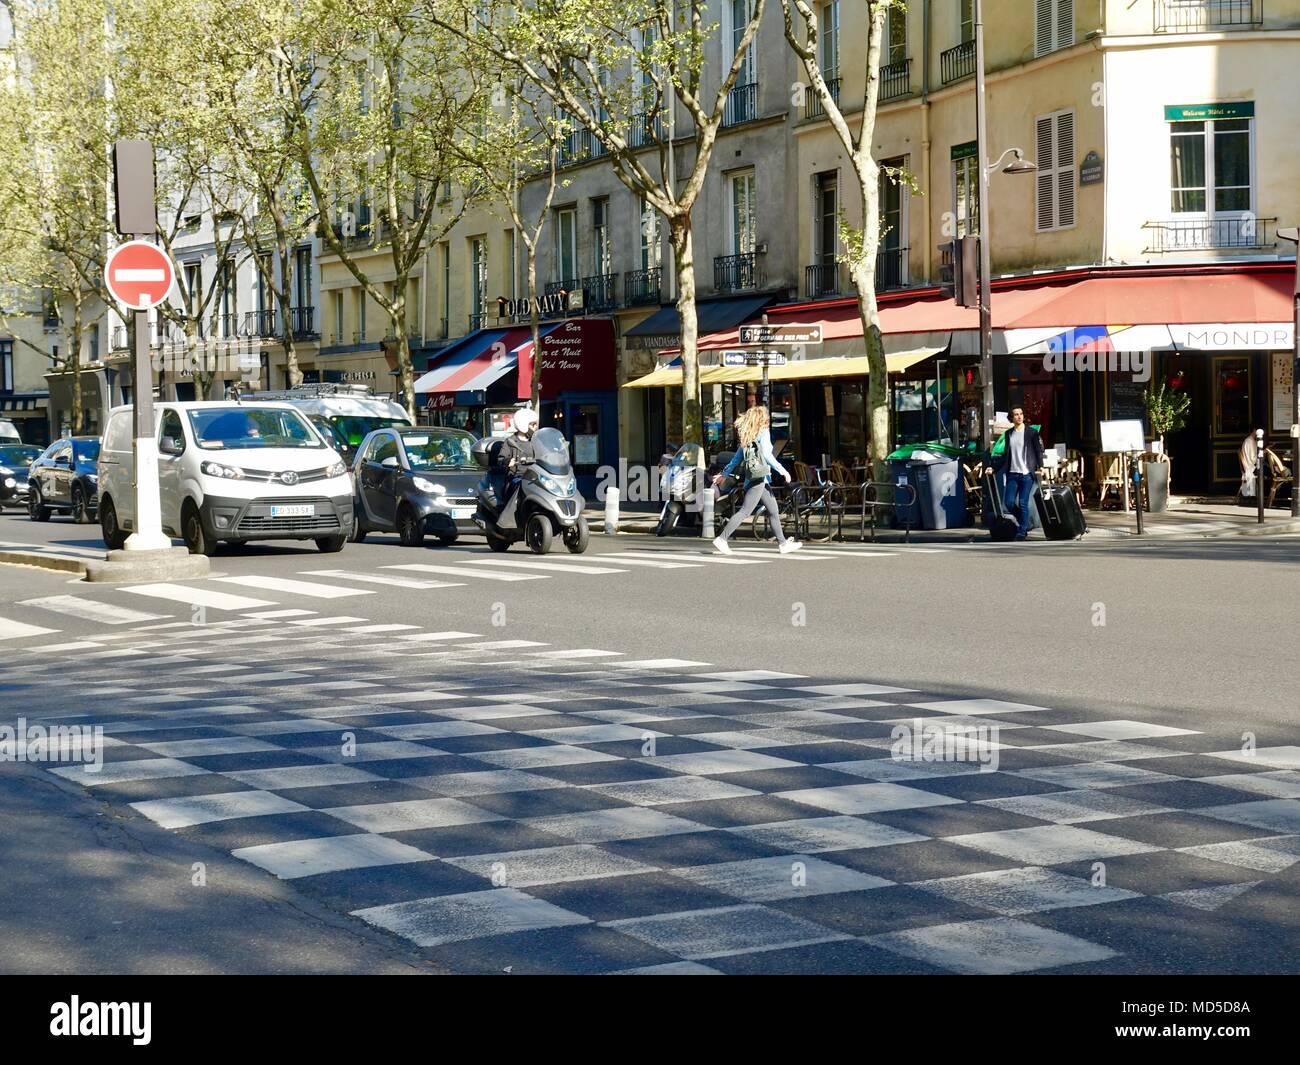 Ir cada mañana al trabajo en el bulevar Saint-Germain. Los peatones y automóviles. París, Francia. Imagen De Stock